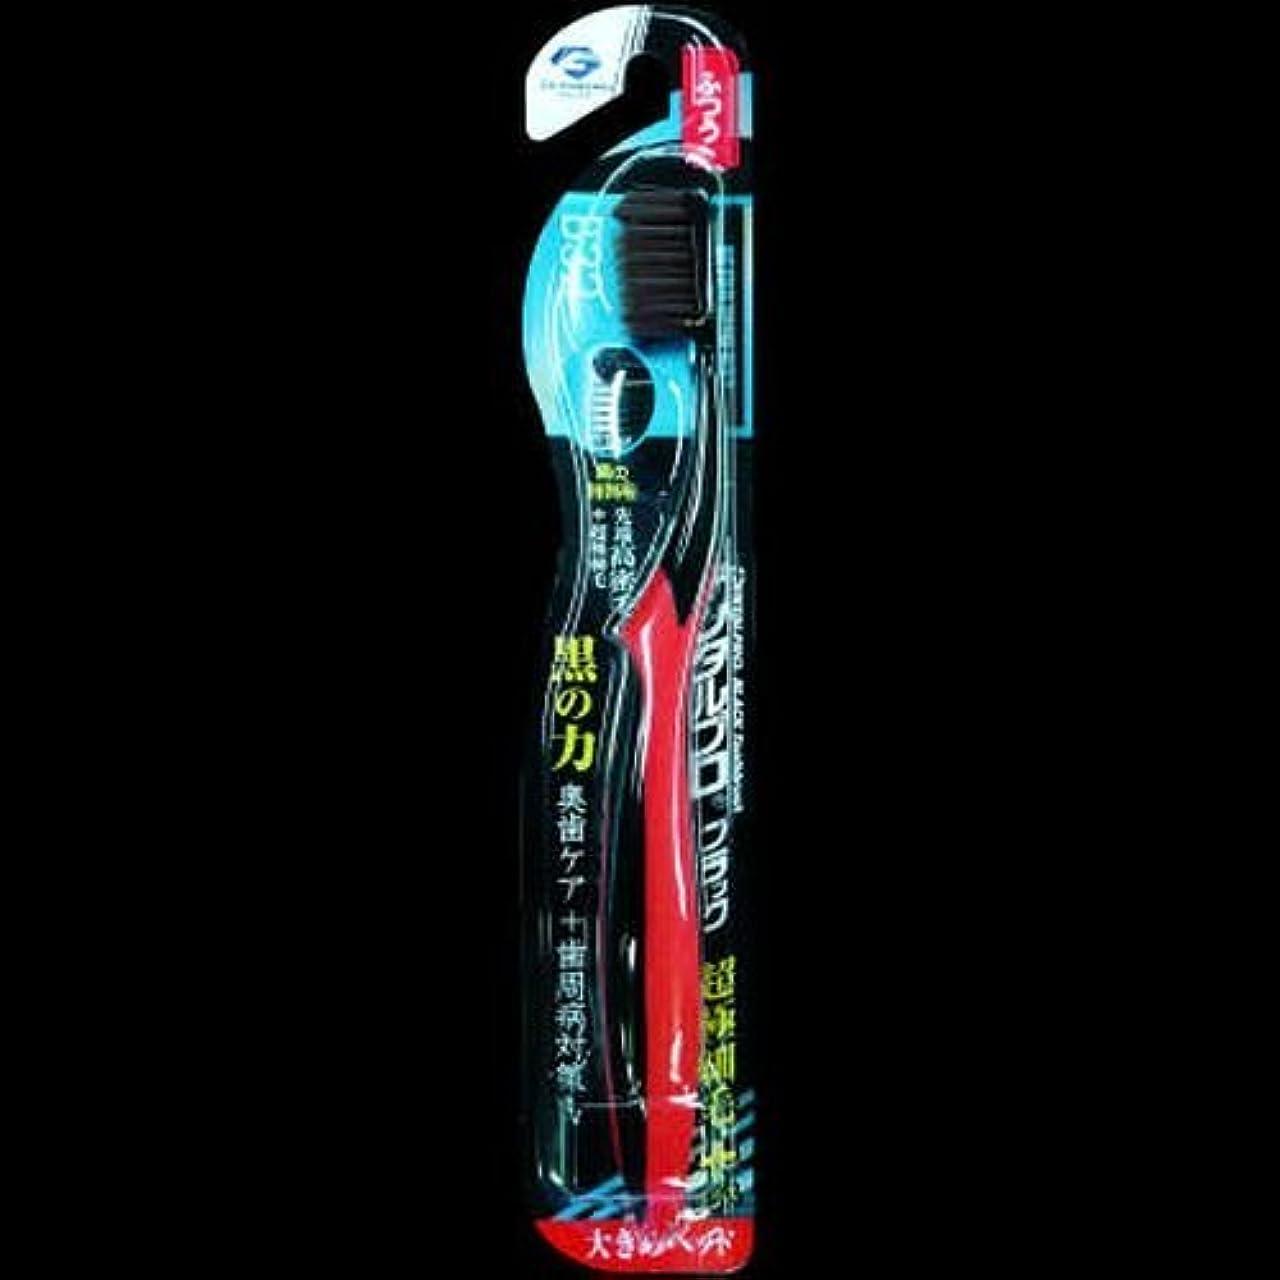 曲がったボア法律によりデンタルプロ ブラック歯ブラシ 超極細毛プラス大きめヘッド ふつう ×2セット